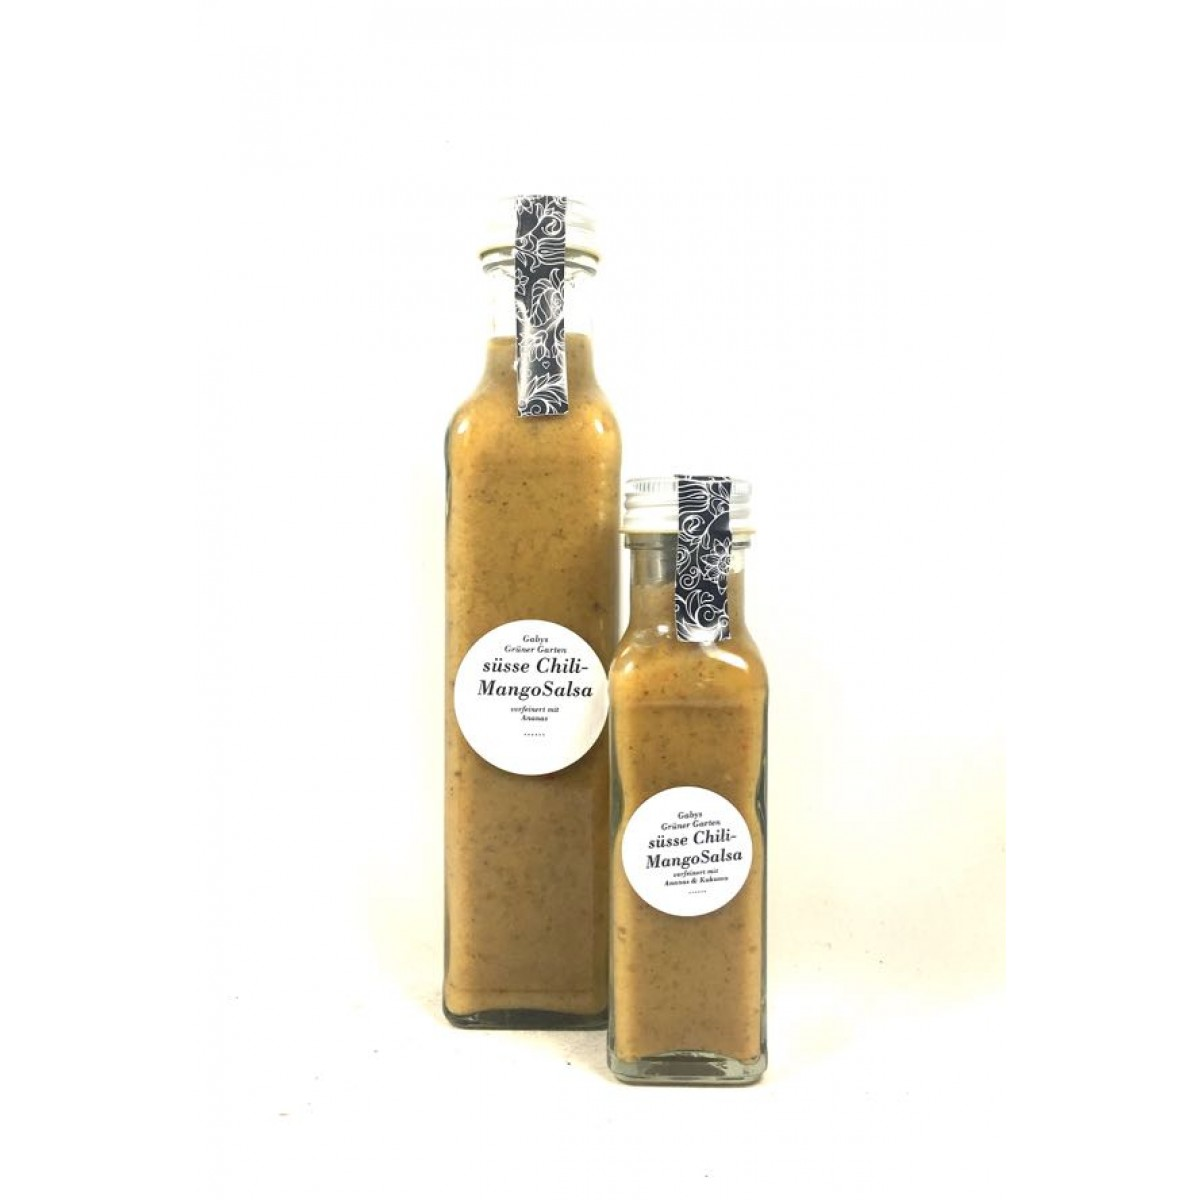 Gabys Grüner Garten Süsse Chili Mango Salsa 250ml